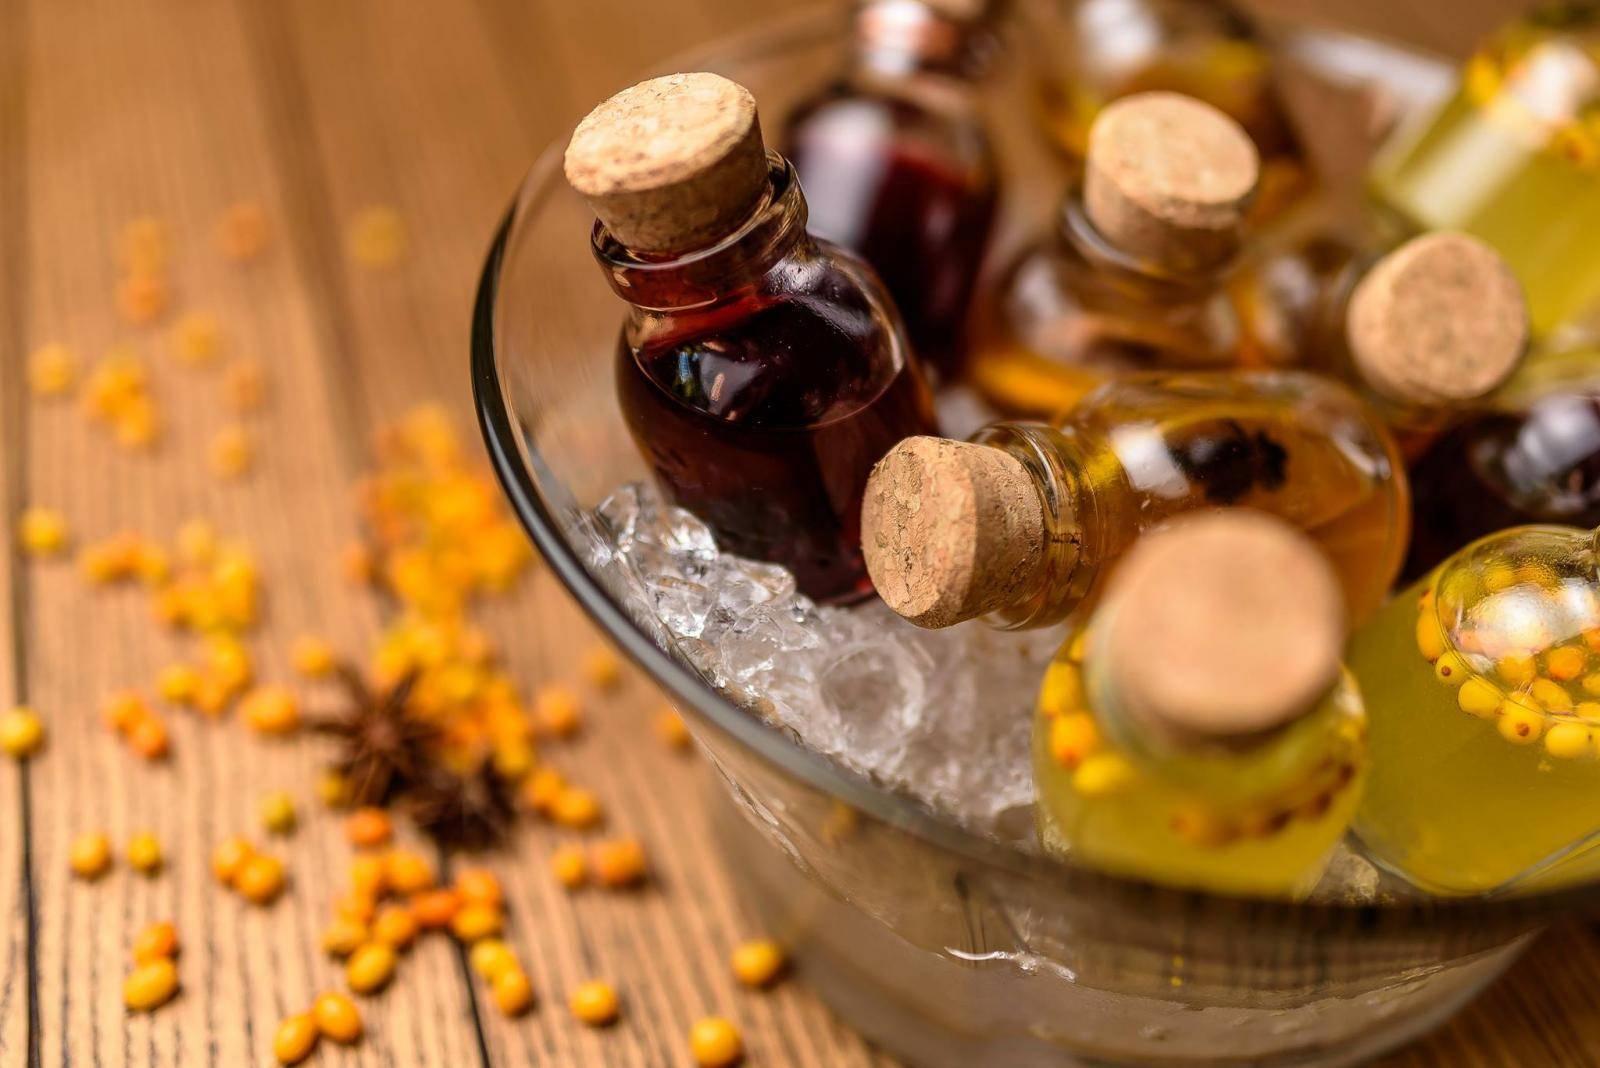 Как приготовить облепиховую настойку на водке: пошаговые рецепты